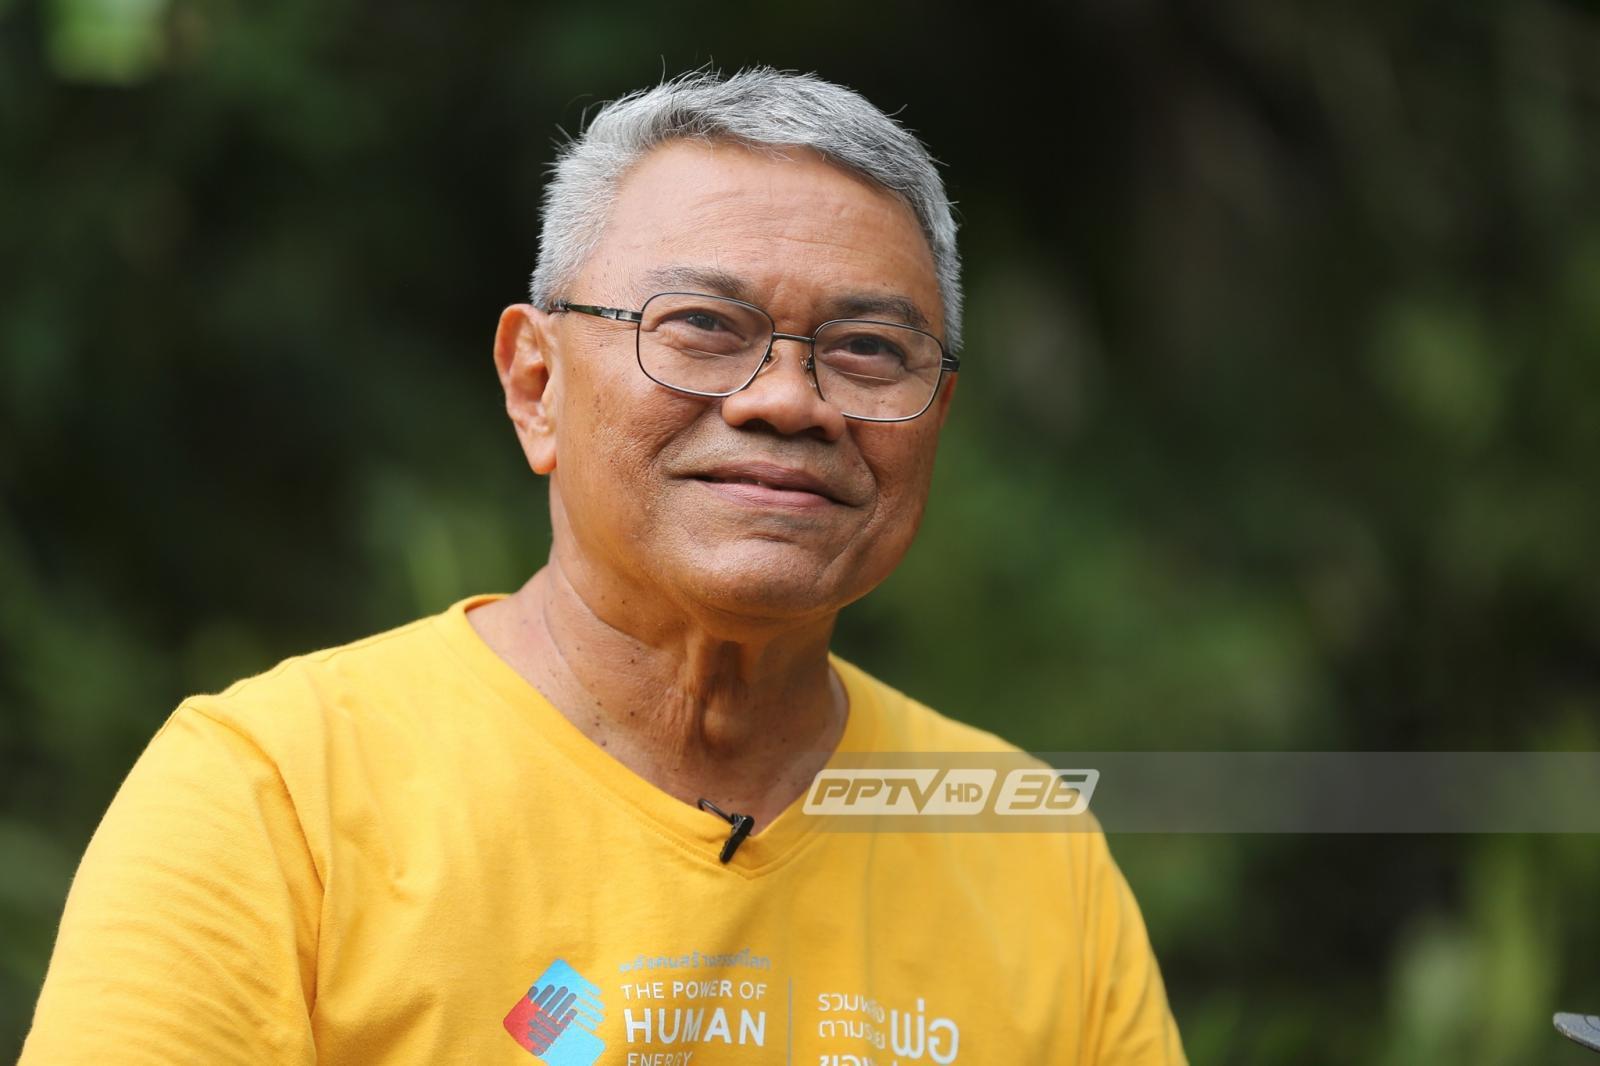 """เปิดบทสัมภาษณ์เพื่อเรียนรู้ศาสตร์พระราชากับ """"อาจารย์ยักษ์"""" ผู้อุทิศตนให้ผืนป่าเมืองไทย"""